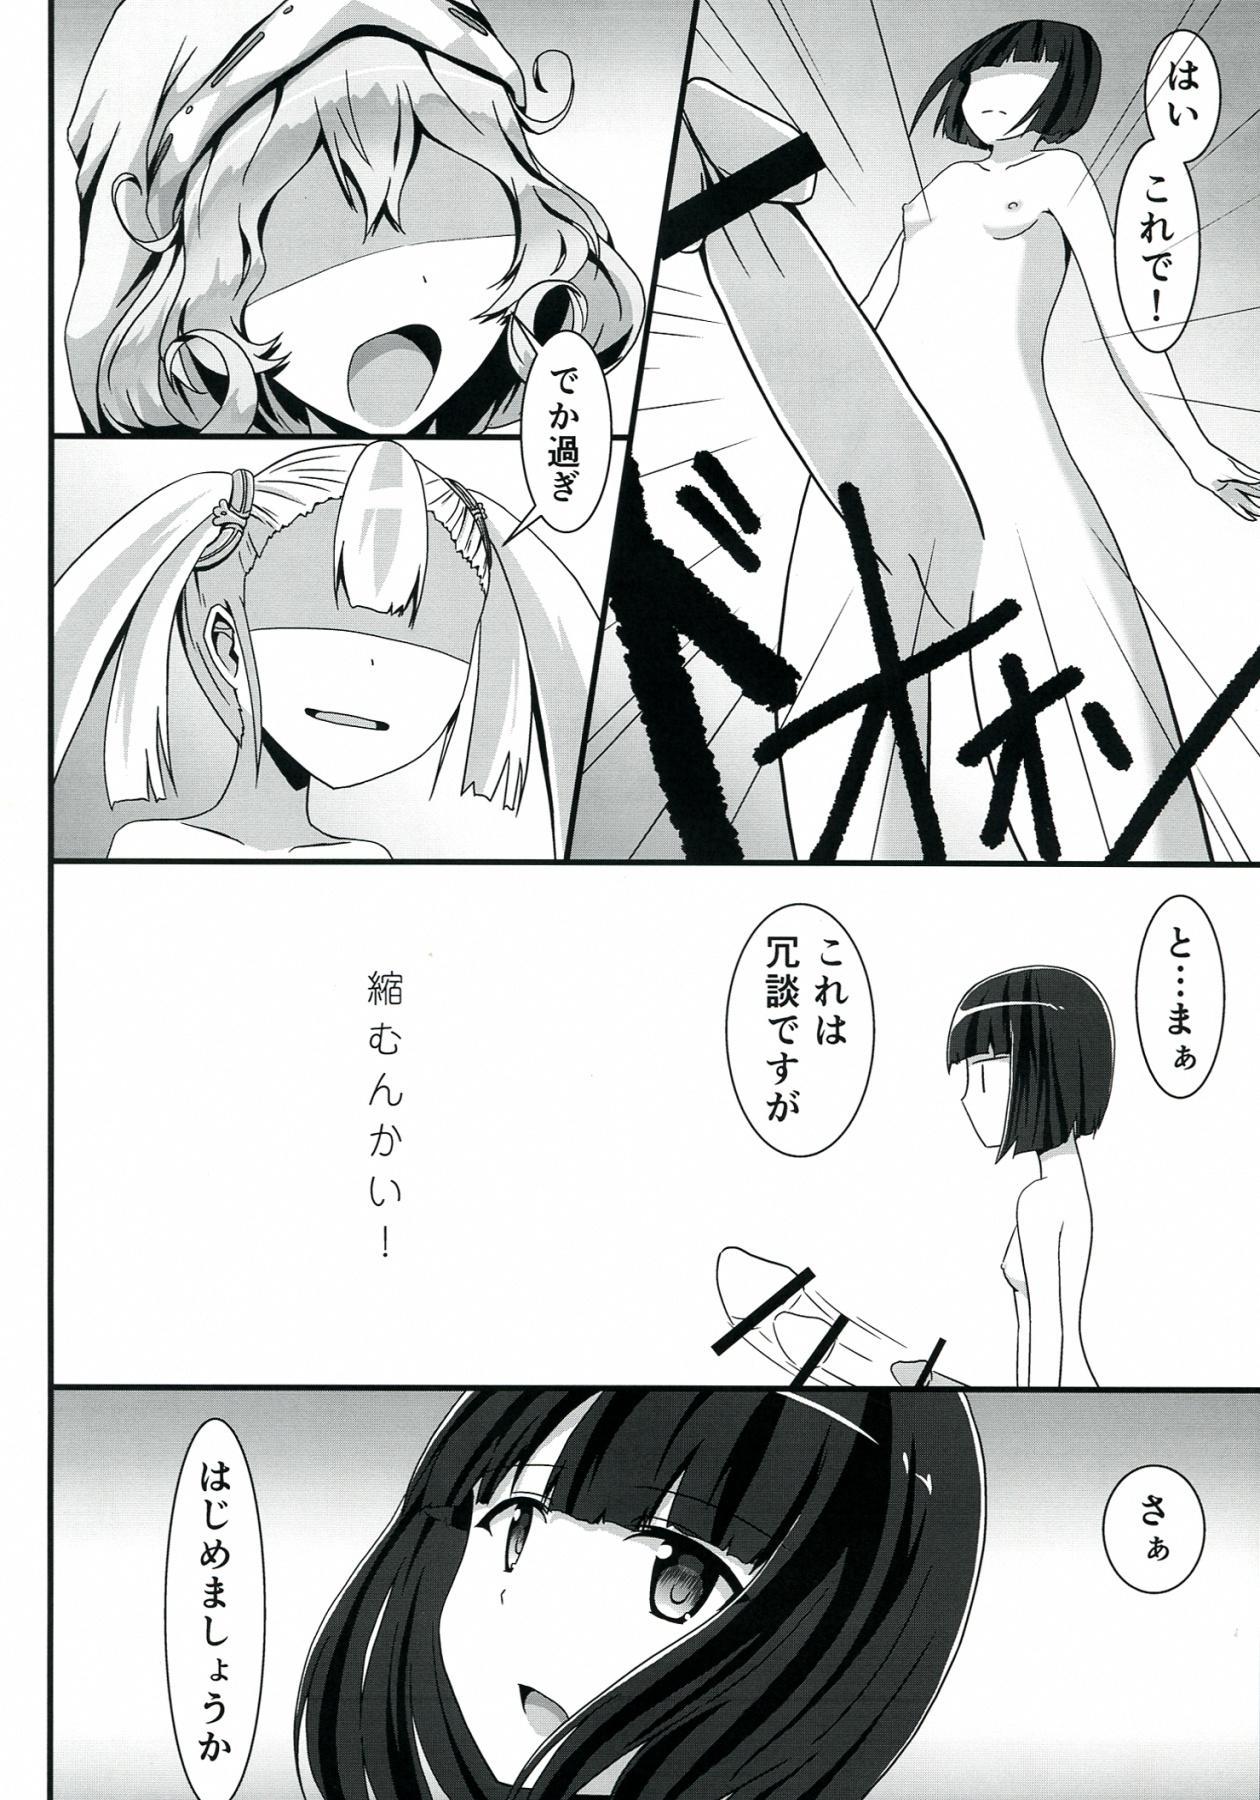 SASAMI-san LINK! 20